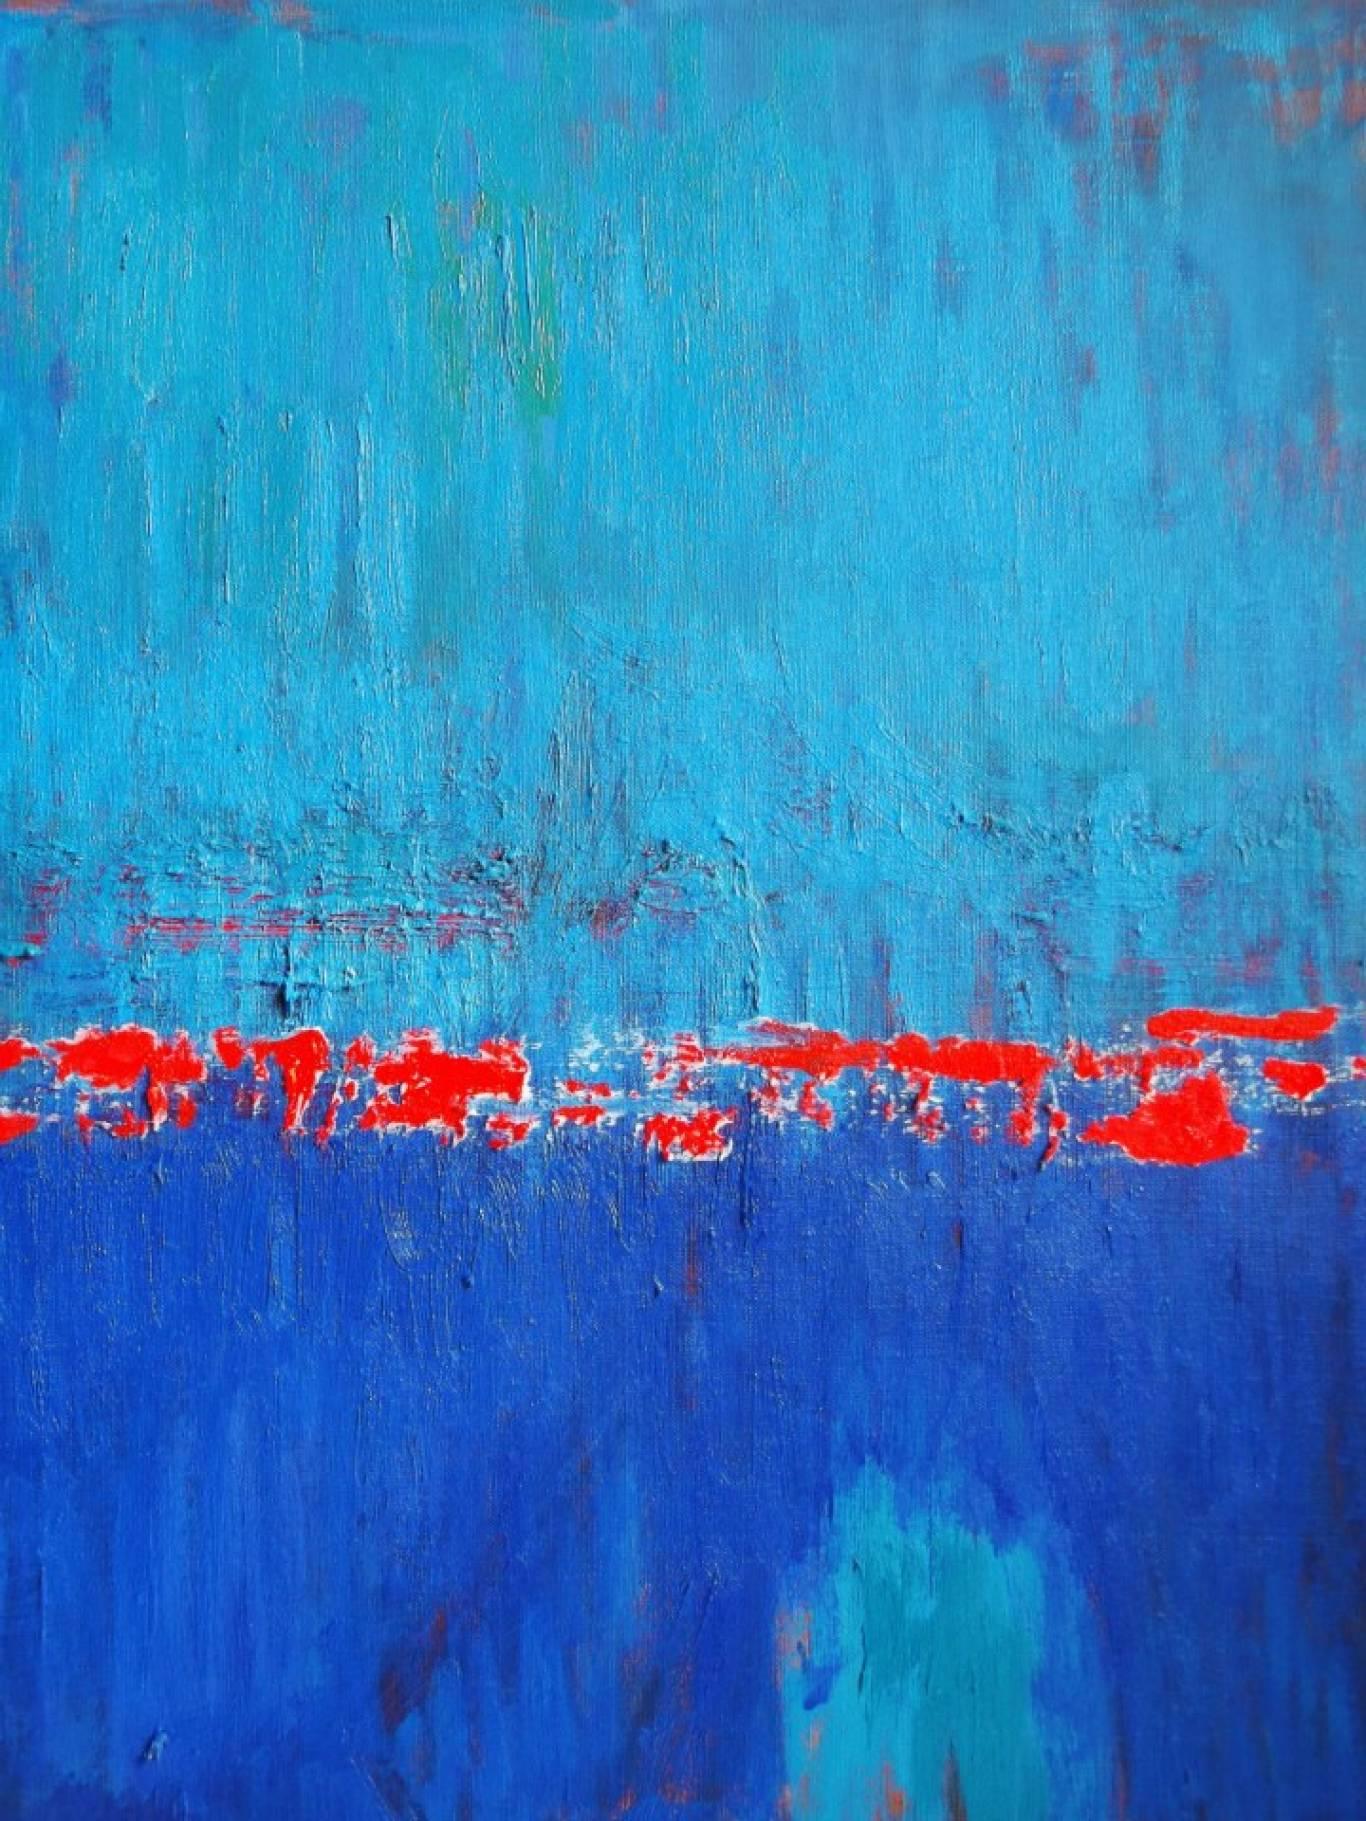 Виставка надихаючого абстрактного живопису «Introверсія» Ольги Морозової.